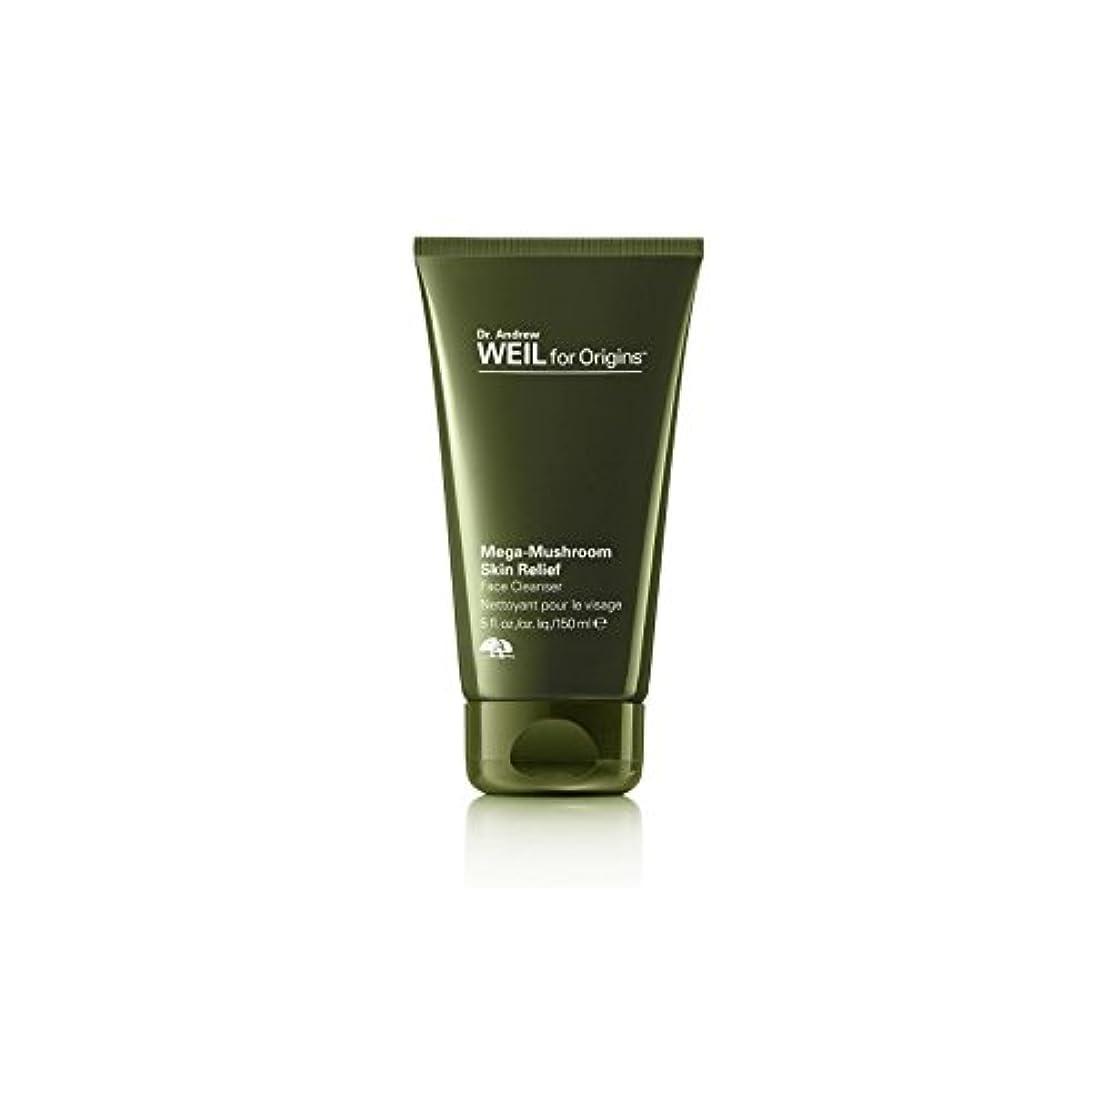 カポック理想的には流星起源アンドルー?ワイル起源メガキノコ皮膚救済顔クレンザー150ミリリットルのために x2 - Origins Dr. Andrew Weil For Origins Mega-Mushroom Skin Relief Face...